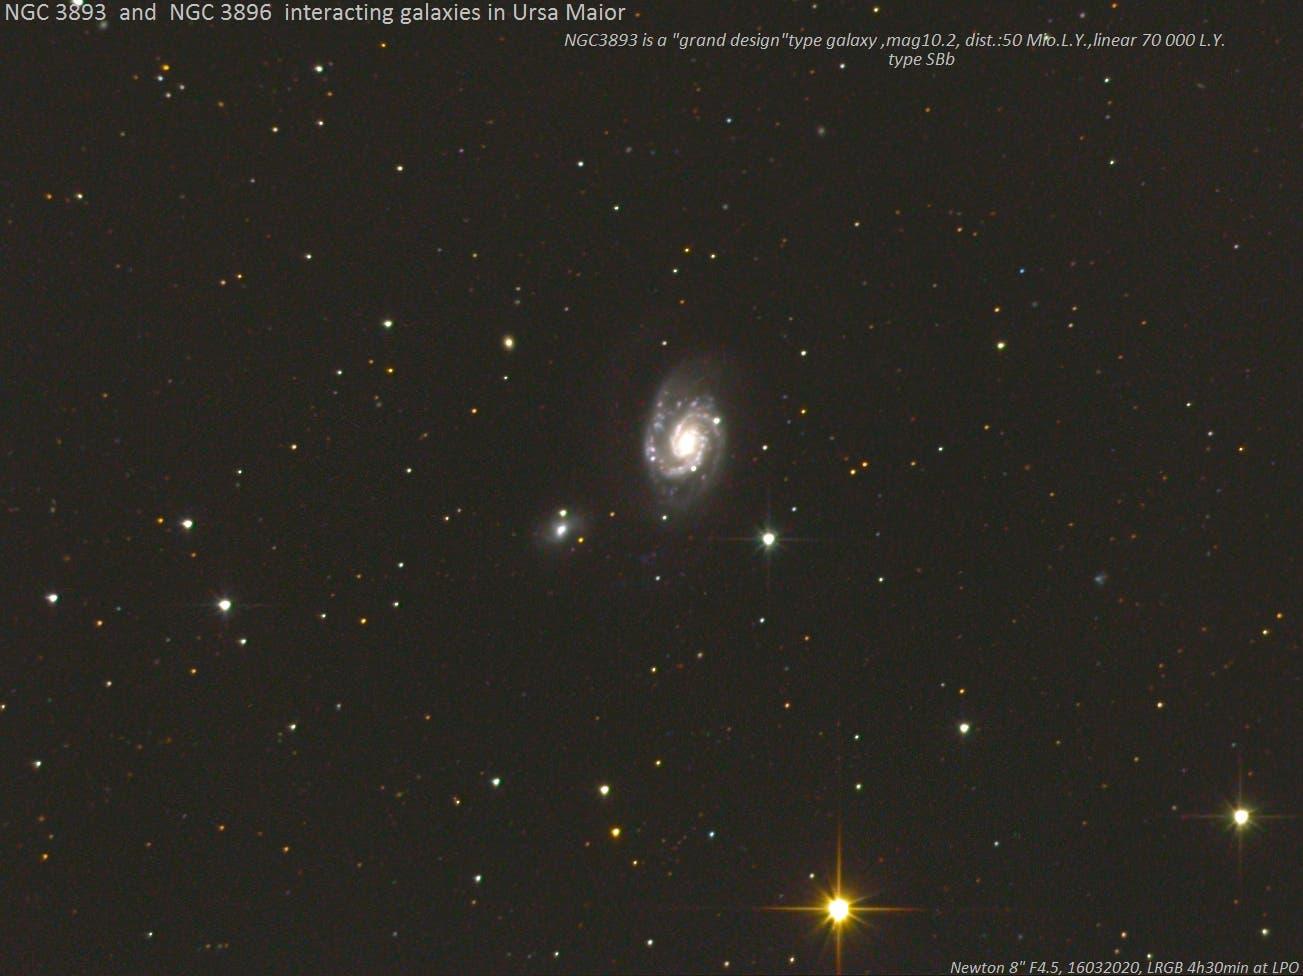 NGC3893-NGC3896   wechselwirkende Galaxien im Großen Bären